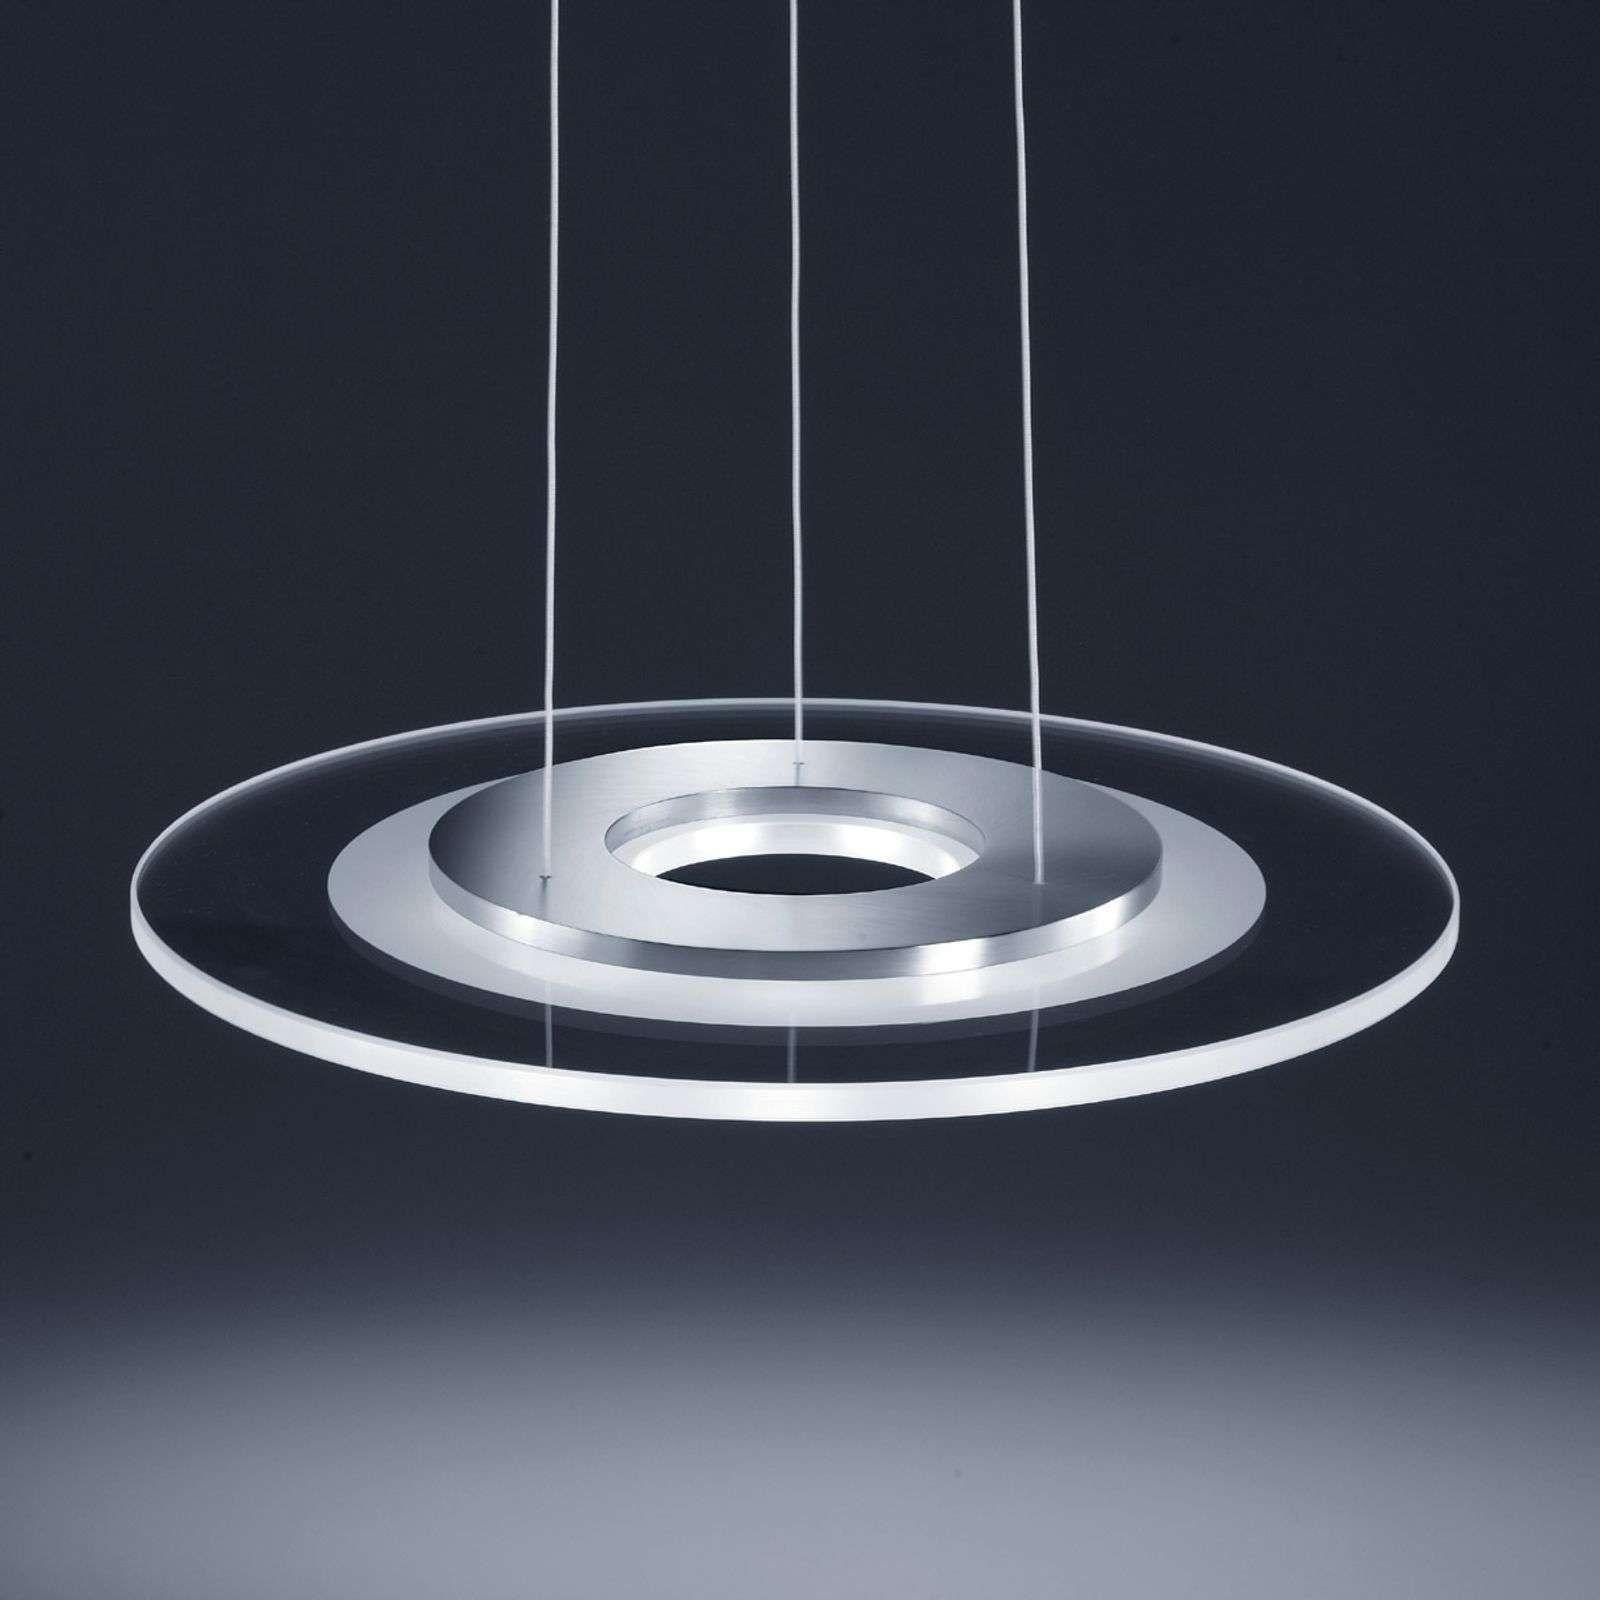 Hängeleuchten Für Wohnzimmer Pendelleuchten Esstisch Pendelleuchte Dimmbar Esstisch Led Pendelleuchten H Modern Hanging Lamp Hanging Lights Pendant Light